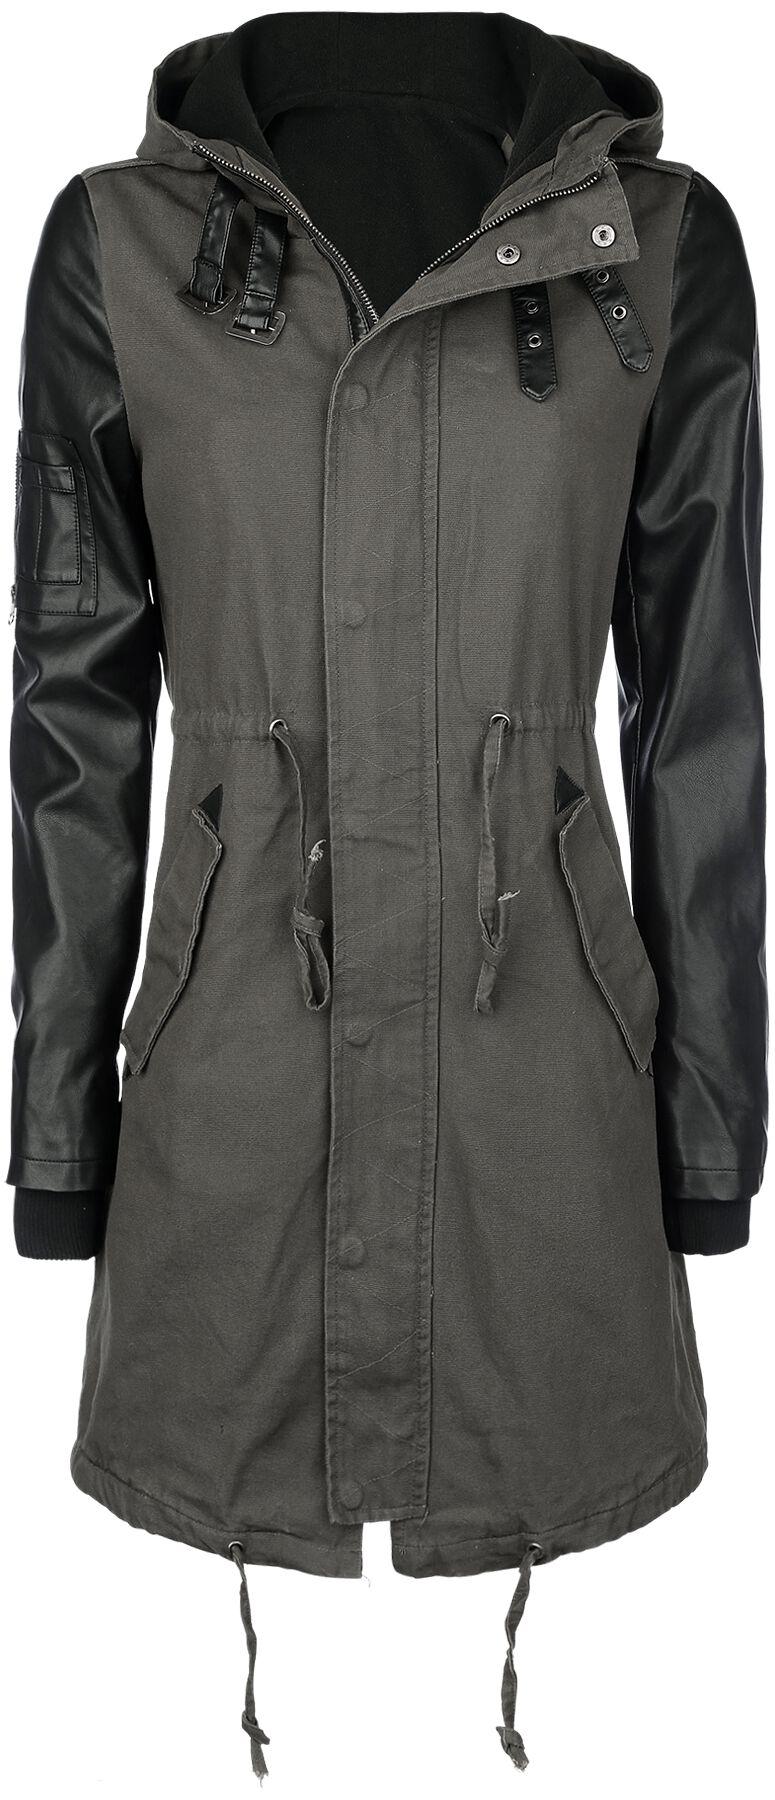 Image of   Forplay Imitation Leather Sleeves Army Jacket Girlie jakke olivengrøn-sort